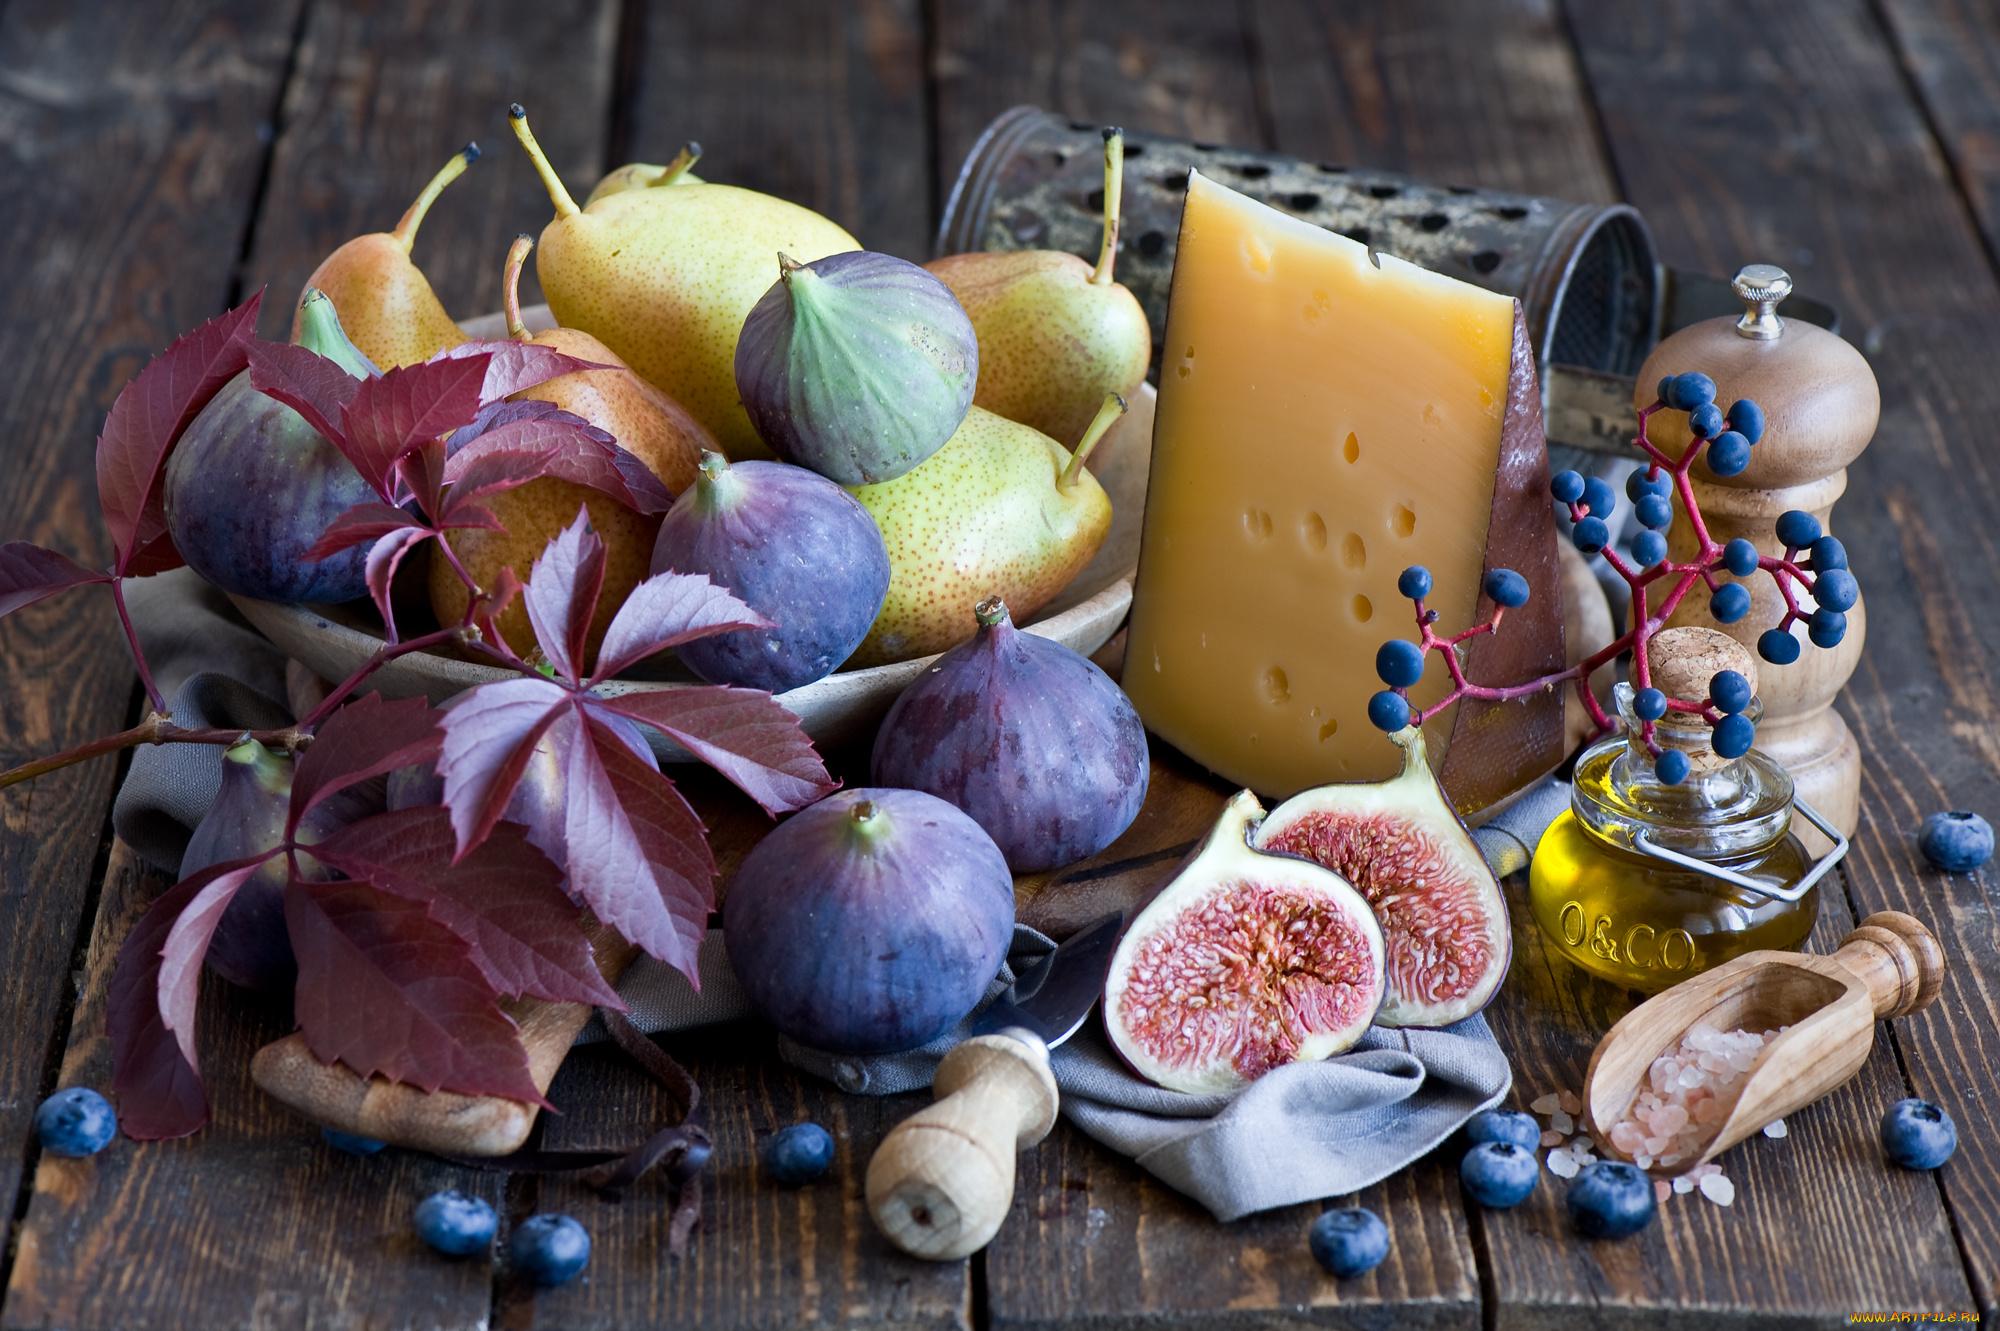 еда чай пирожные виноград  № 378063 без смс